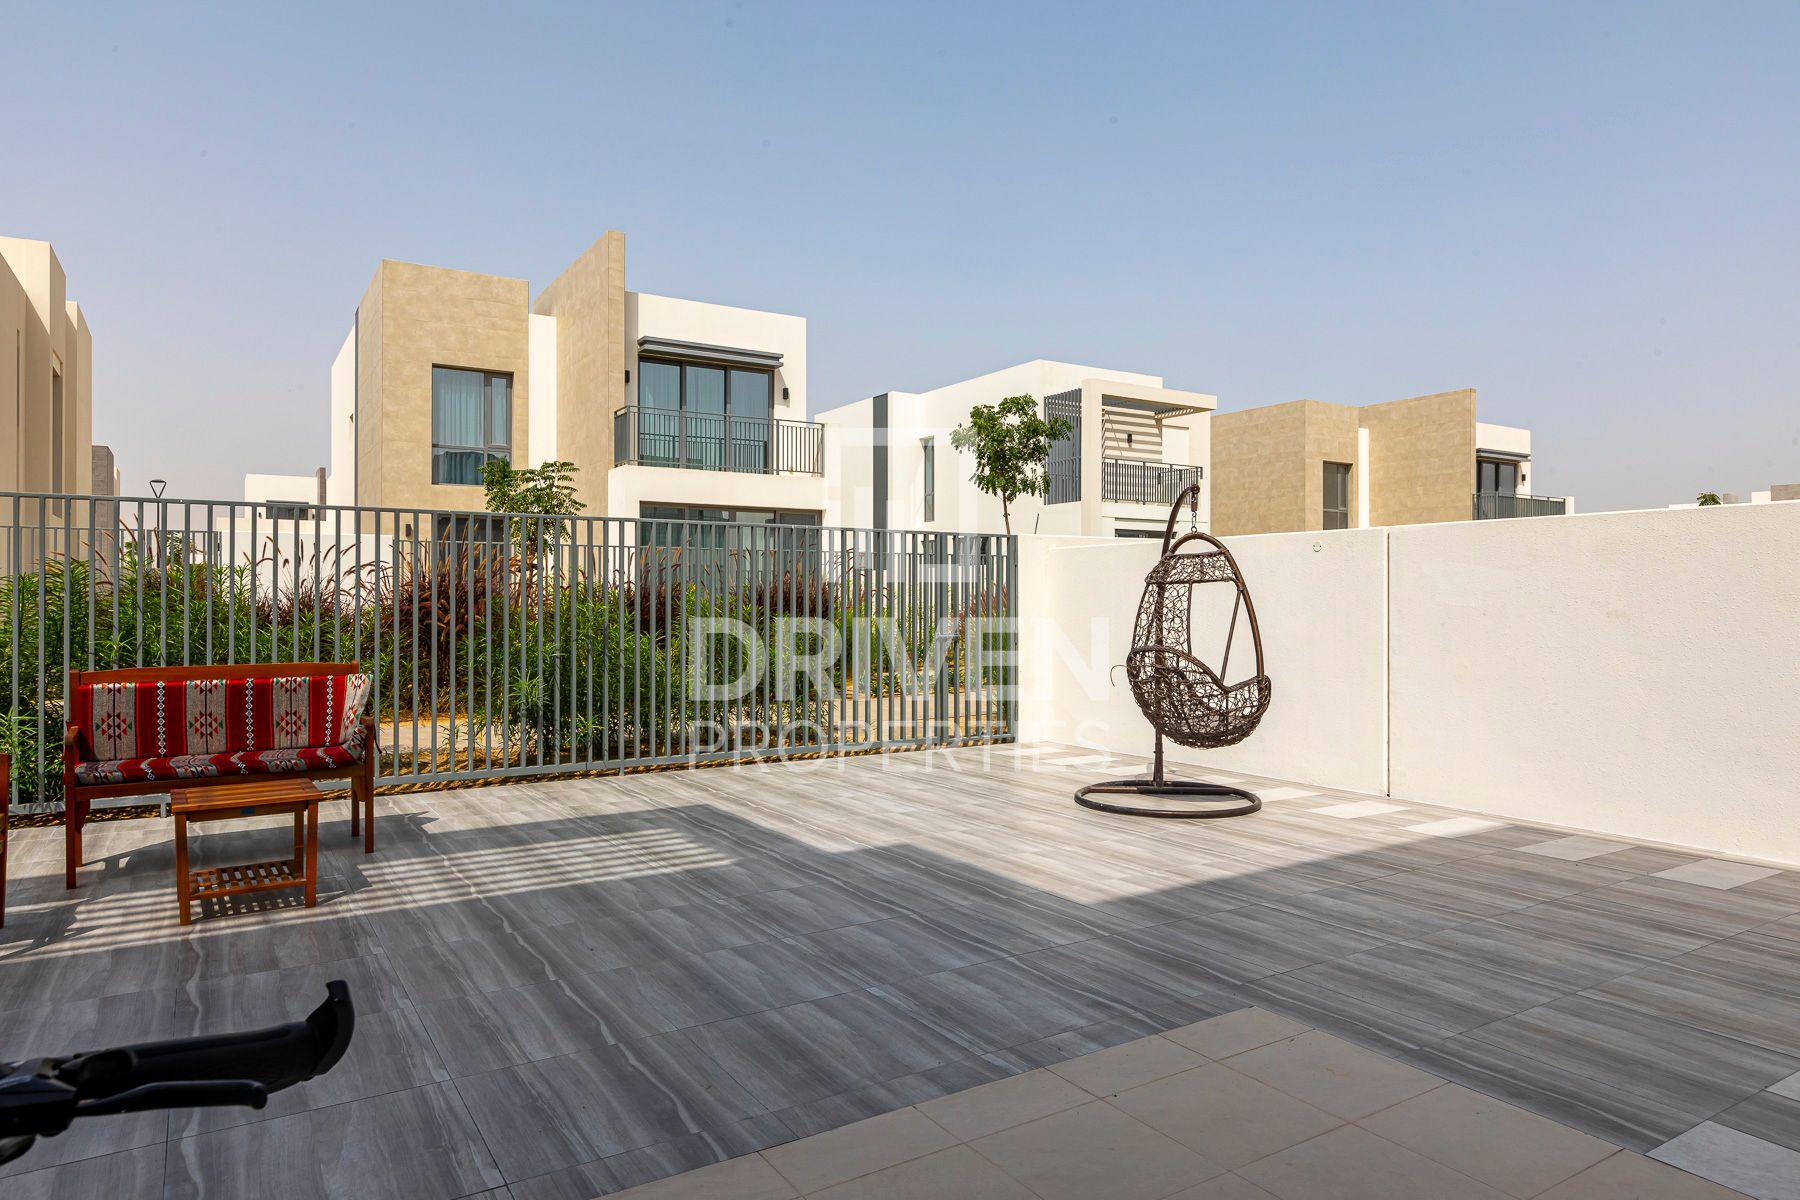 للايجار - فيلا - جولف لينكس - دبي الجنوب (مركز دبي العالمي)